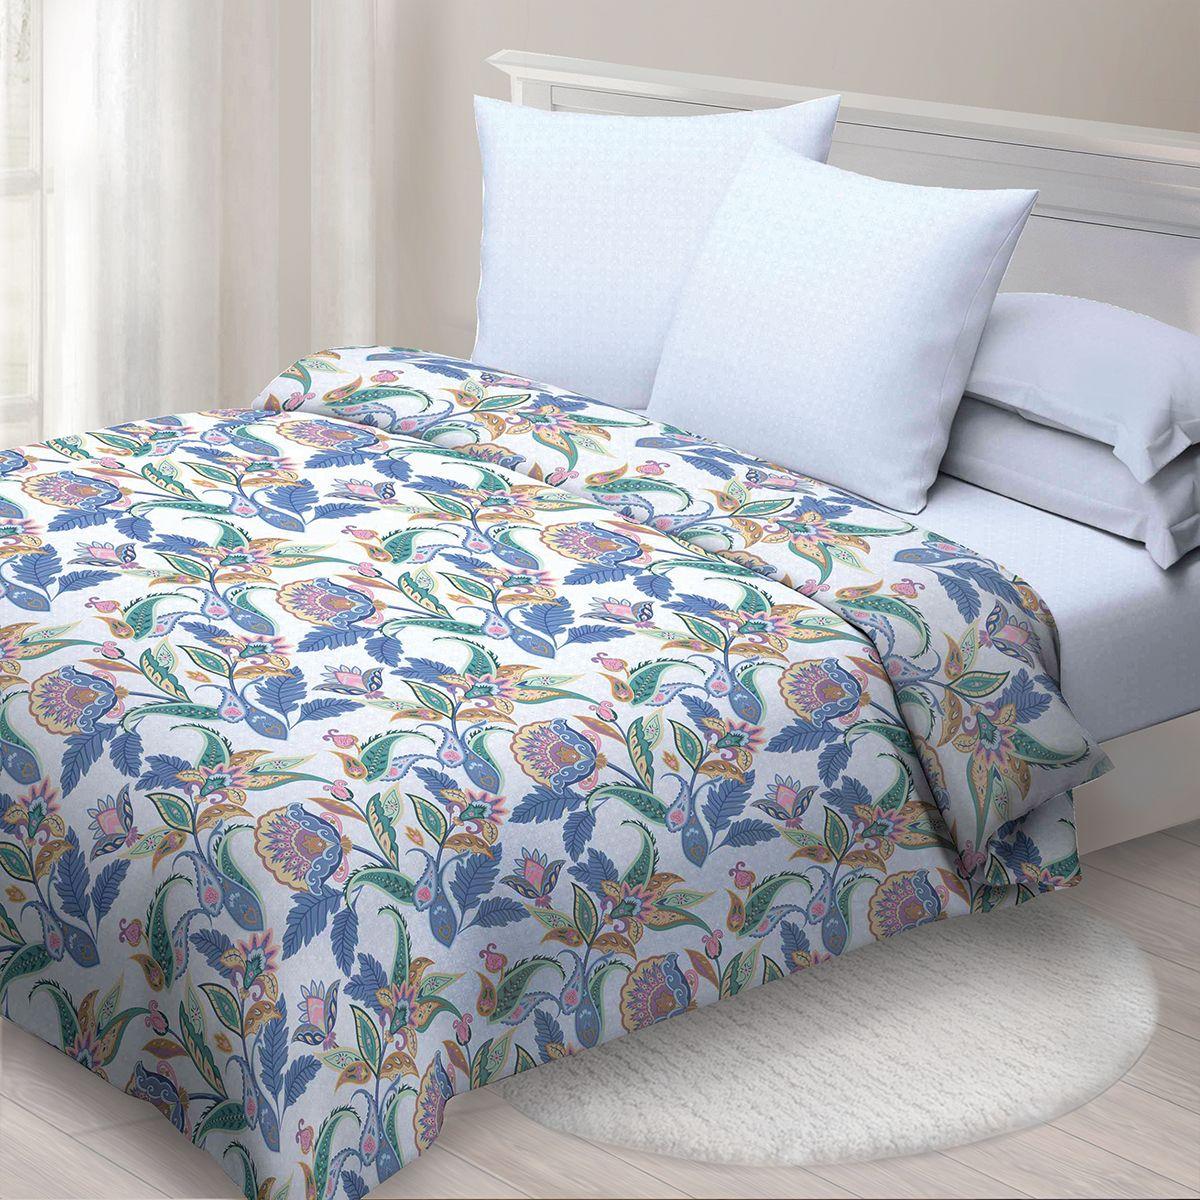 Комплект белья Спал Спалыч Индира, семейный, наволочки 70x70, цвет: синий. 4091-1 комплект постельного белья 1 5 спал спалыч рис 4084 1 карамель